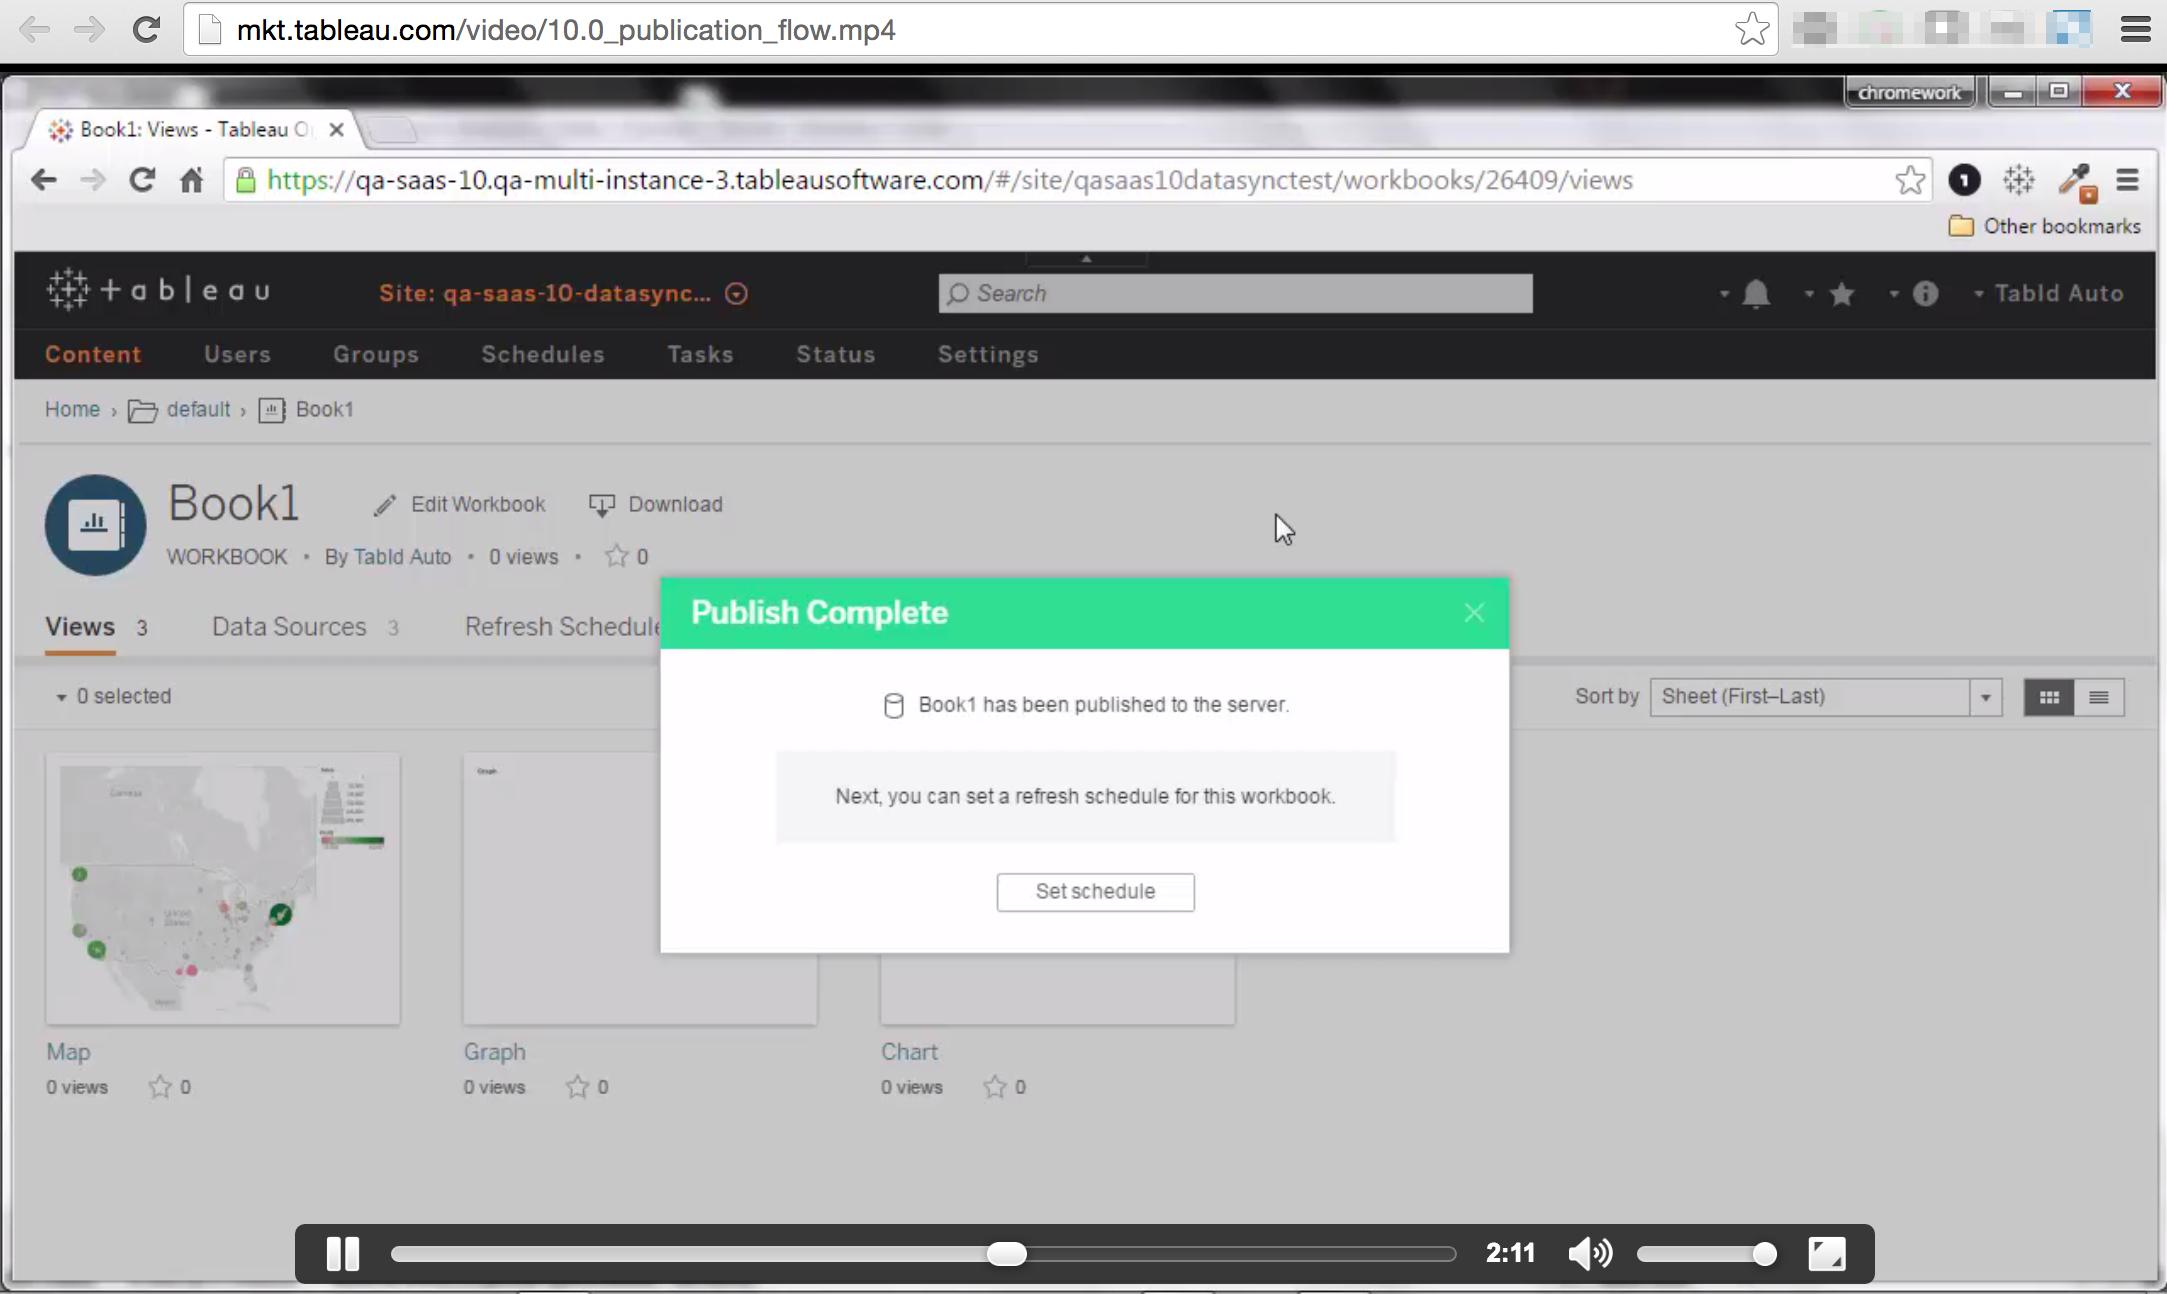 tableau-server-publish-flow_08